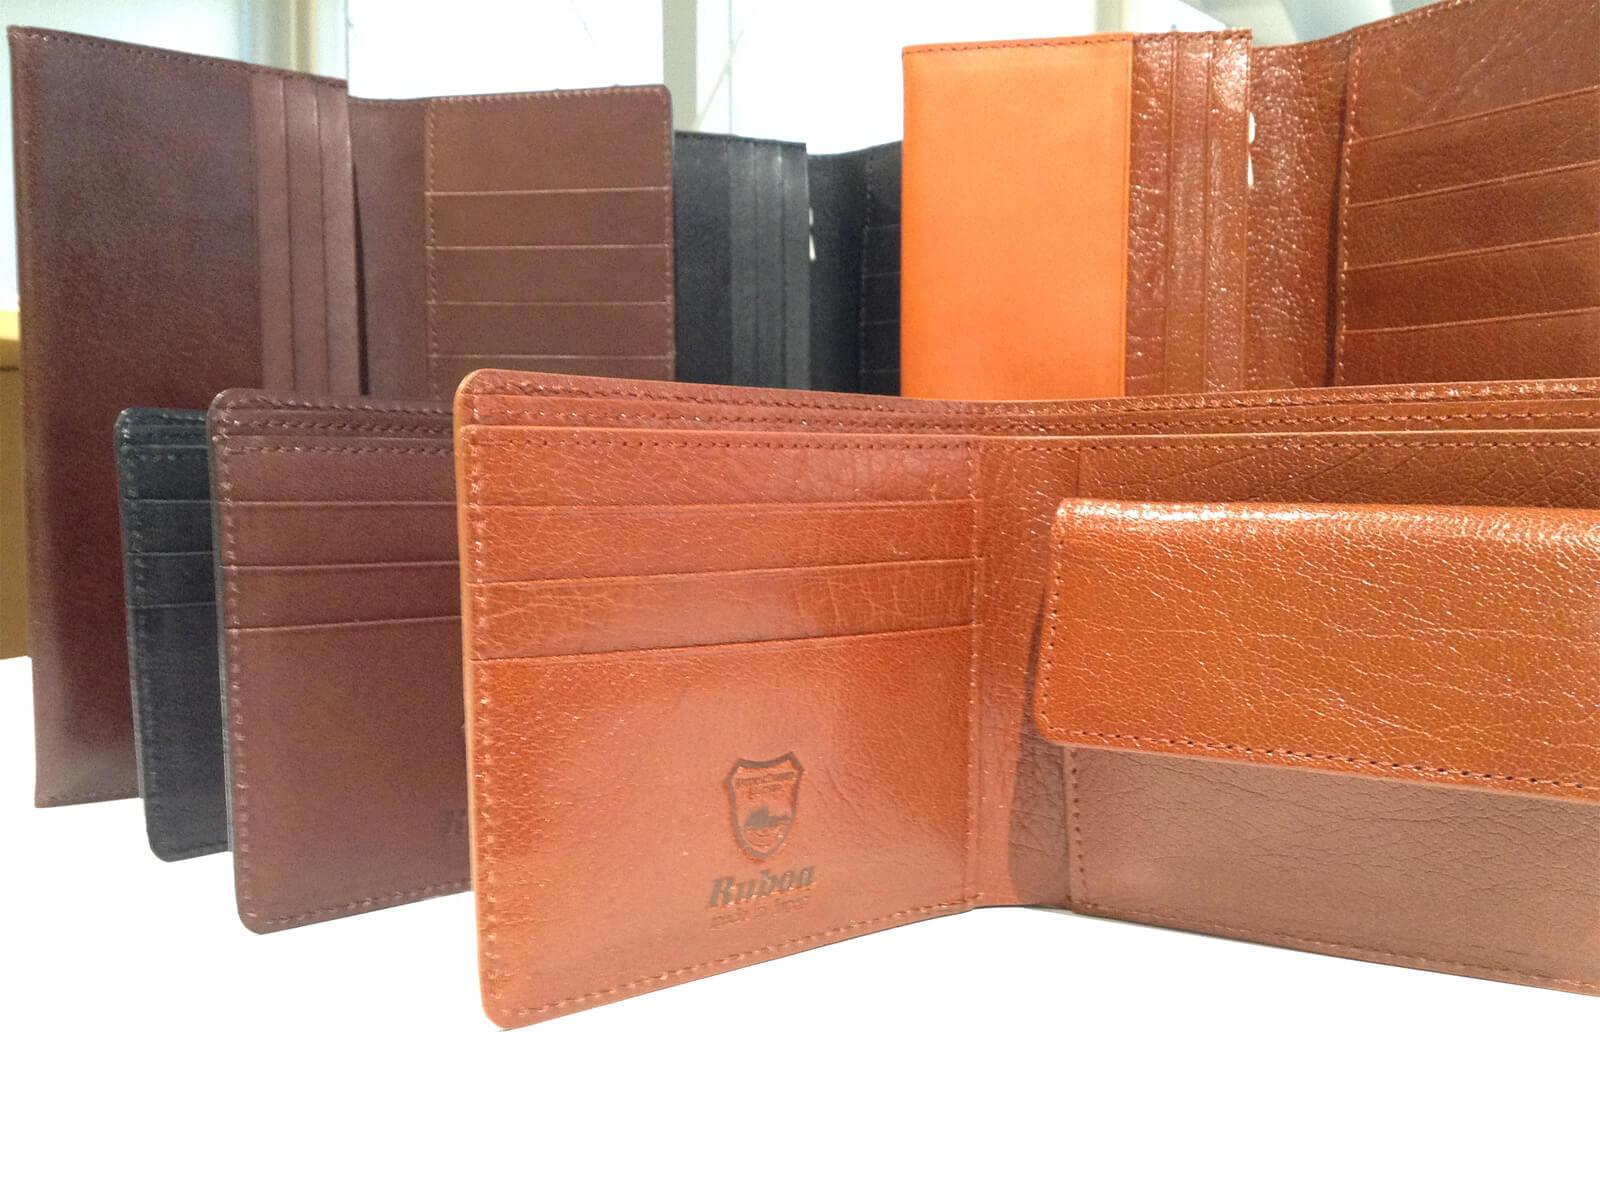 日本製革長財布(香川県東かがわ市)寄附金額25,000円 イメージ